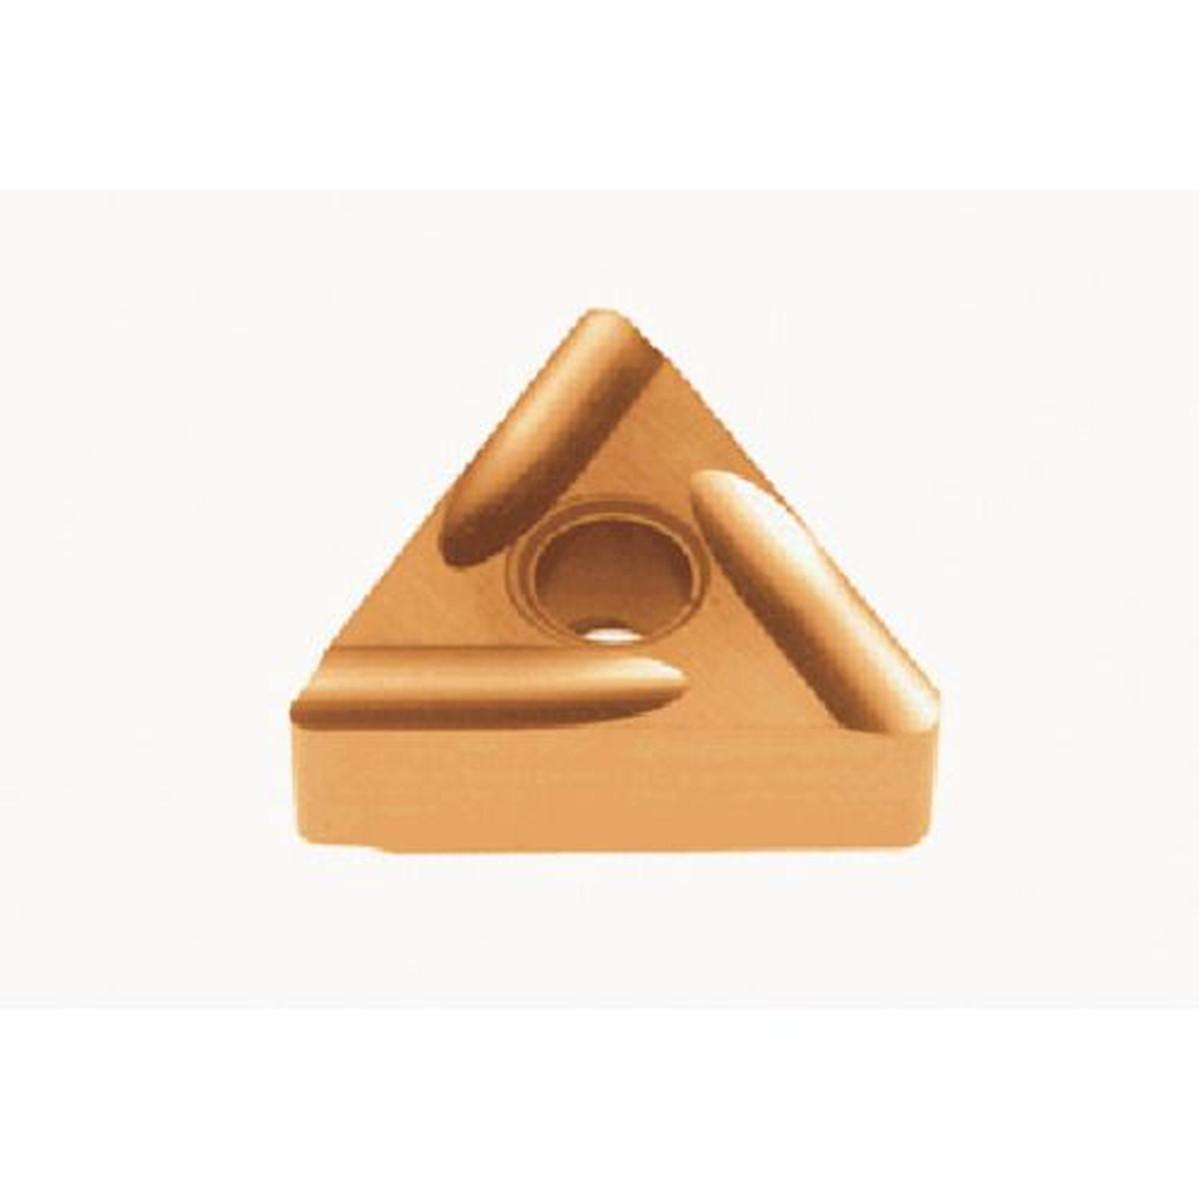 代引き人気 タンガロイ 旋削用G級ネガTACチップ 旋削用G級ネガTACチップ 10個 GH330 タンガロイ 10個, インターフェース市:12e4532a --- lebronjamesshoes.com.co